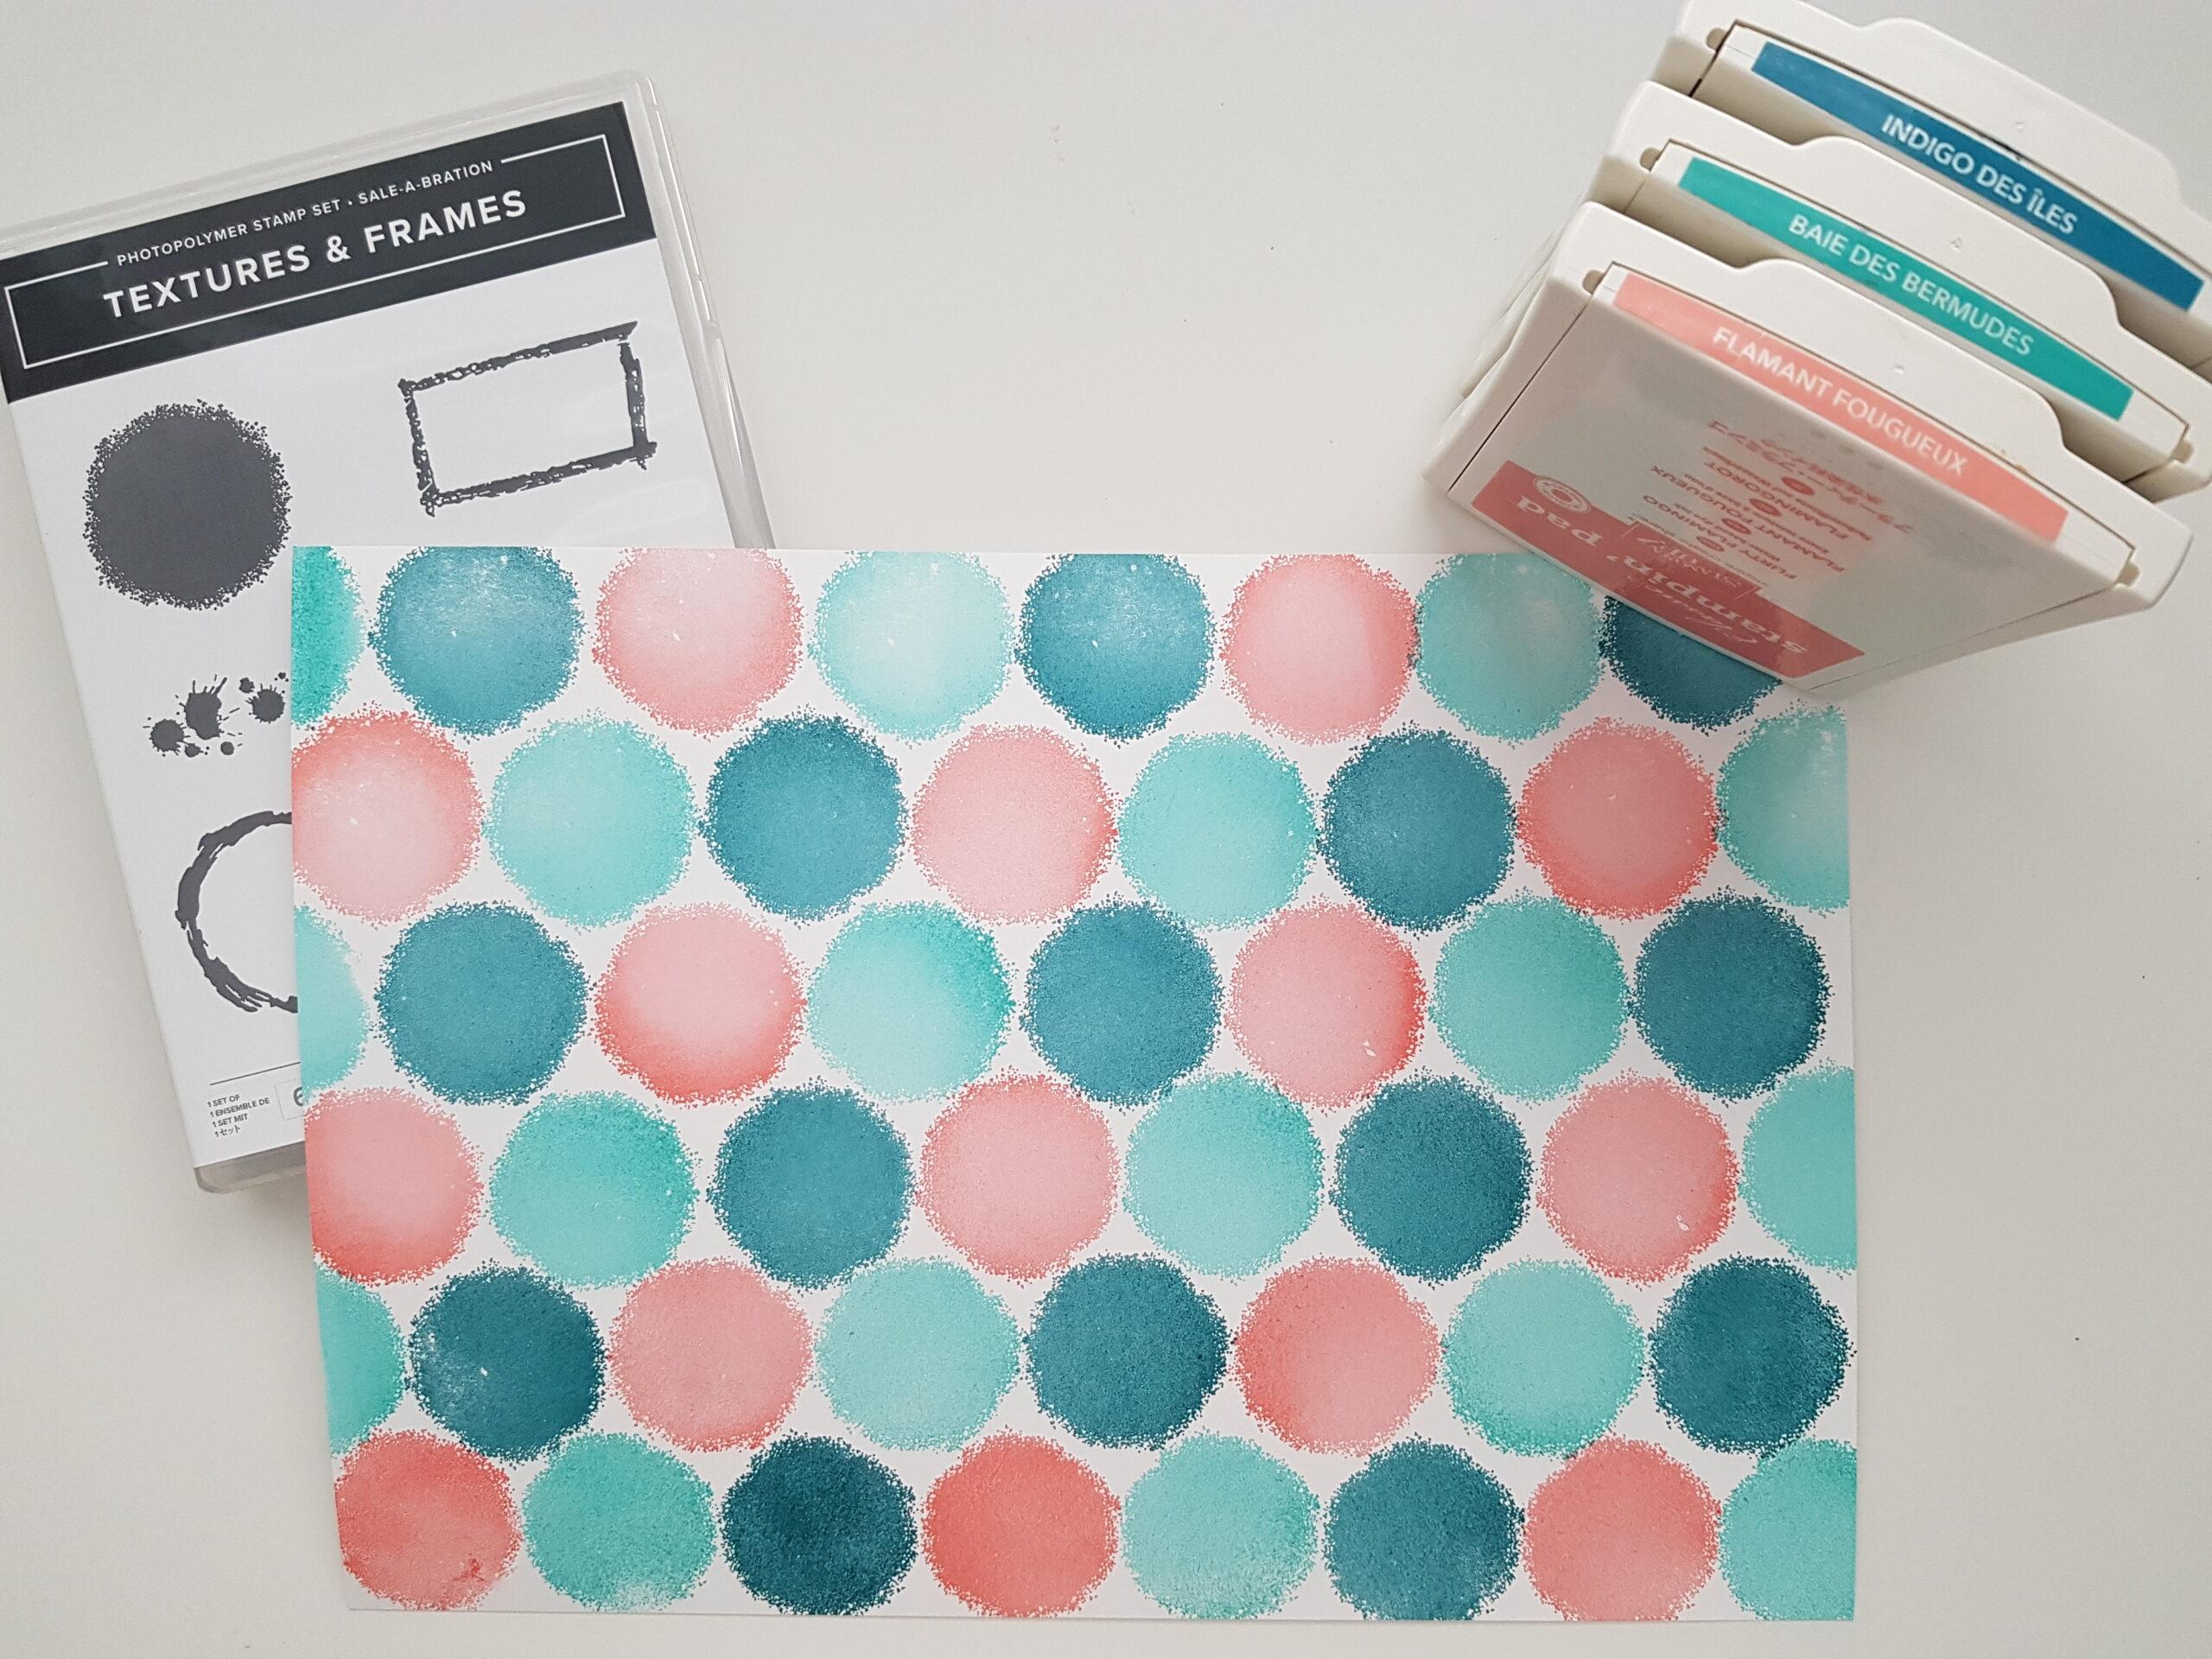 Faire soi-même son papier design avec le set de tampons «Textures & Frames»